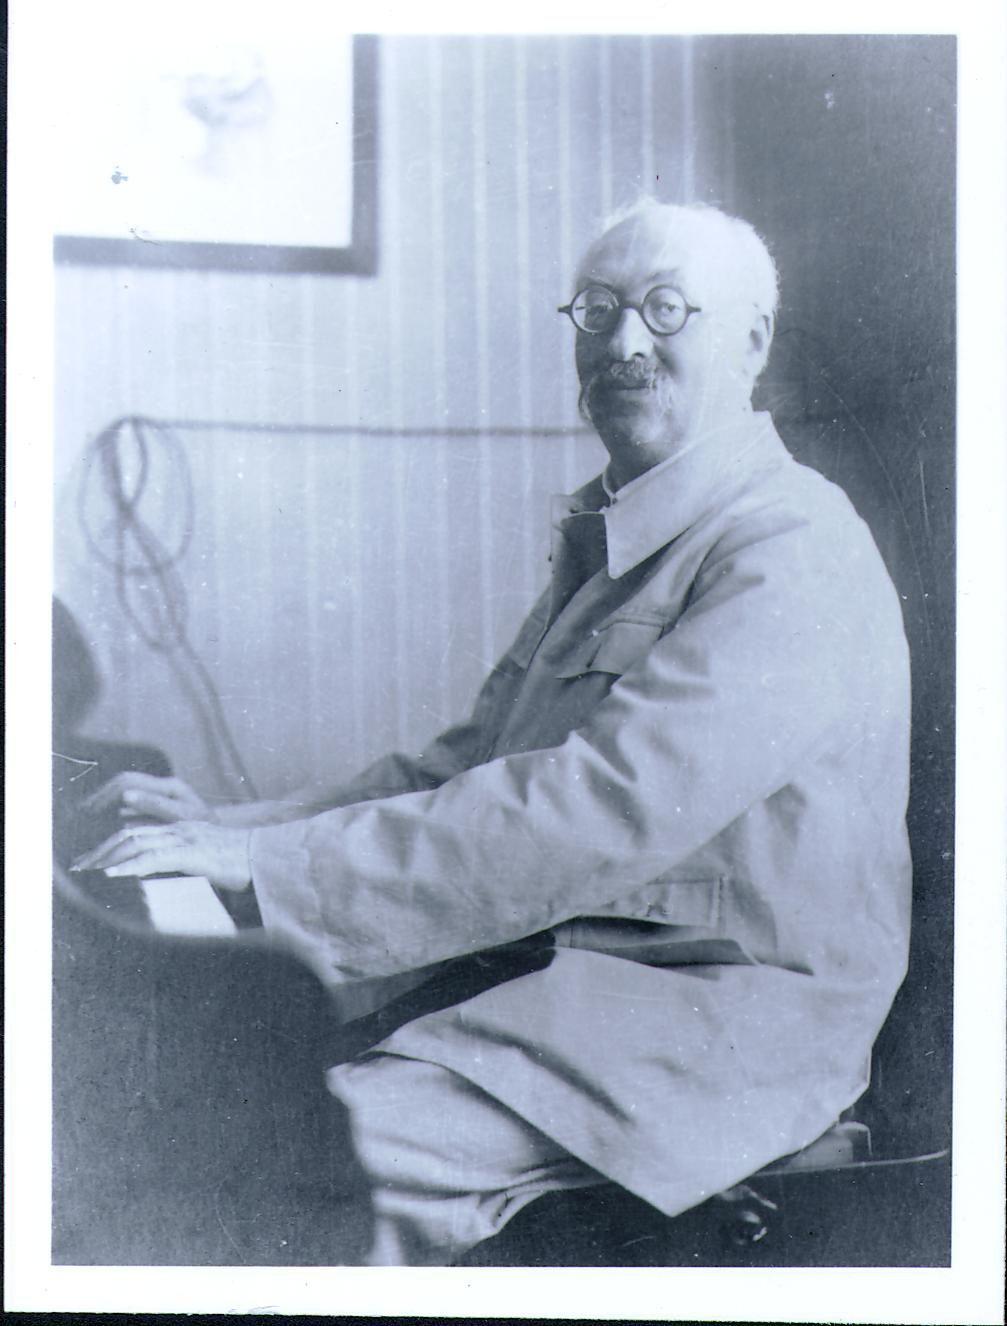 Music theorist Heinrich Schenker